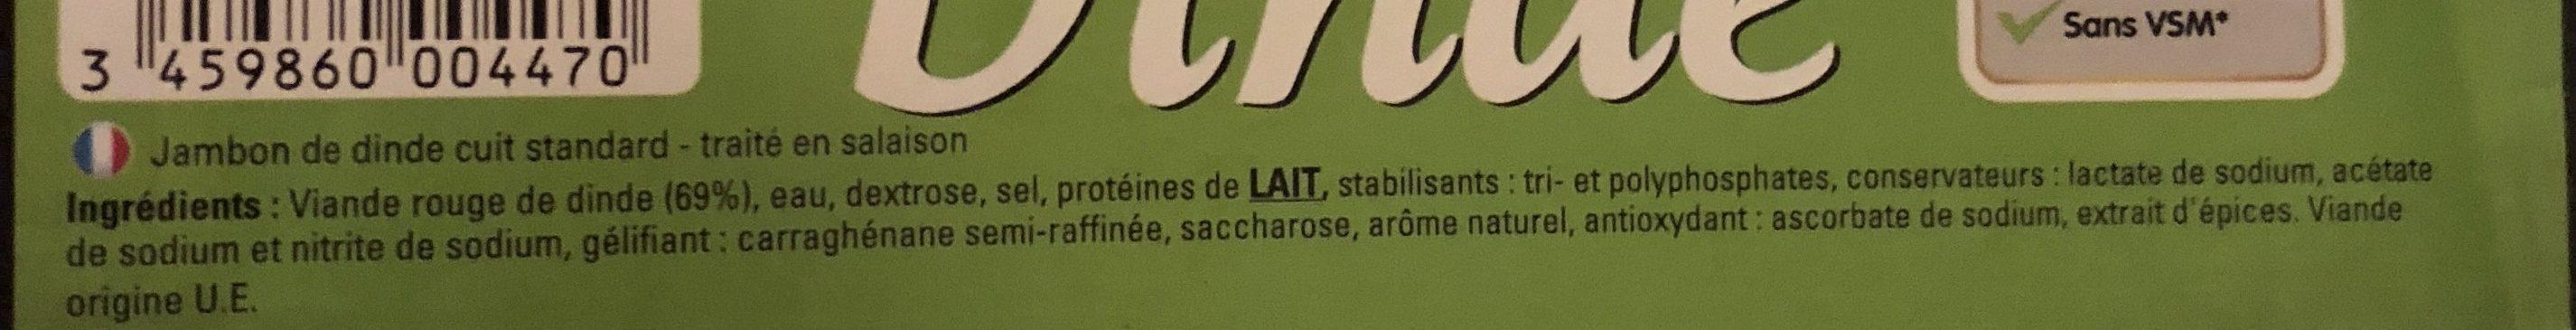 Jambon de Dinde (4 tranches) - Ingrédients